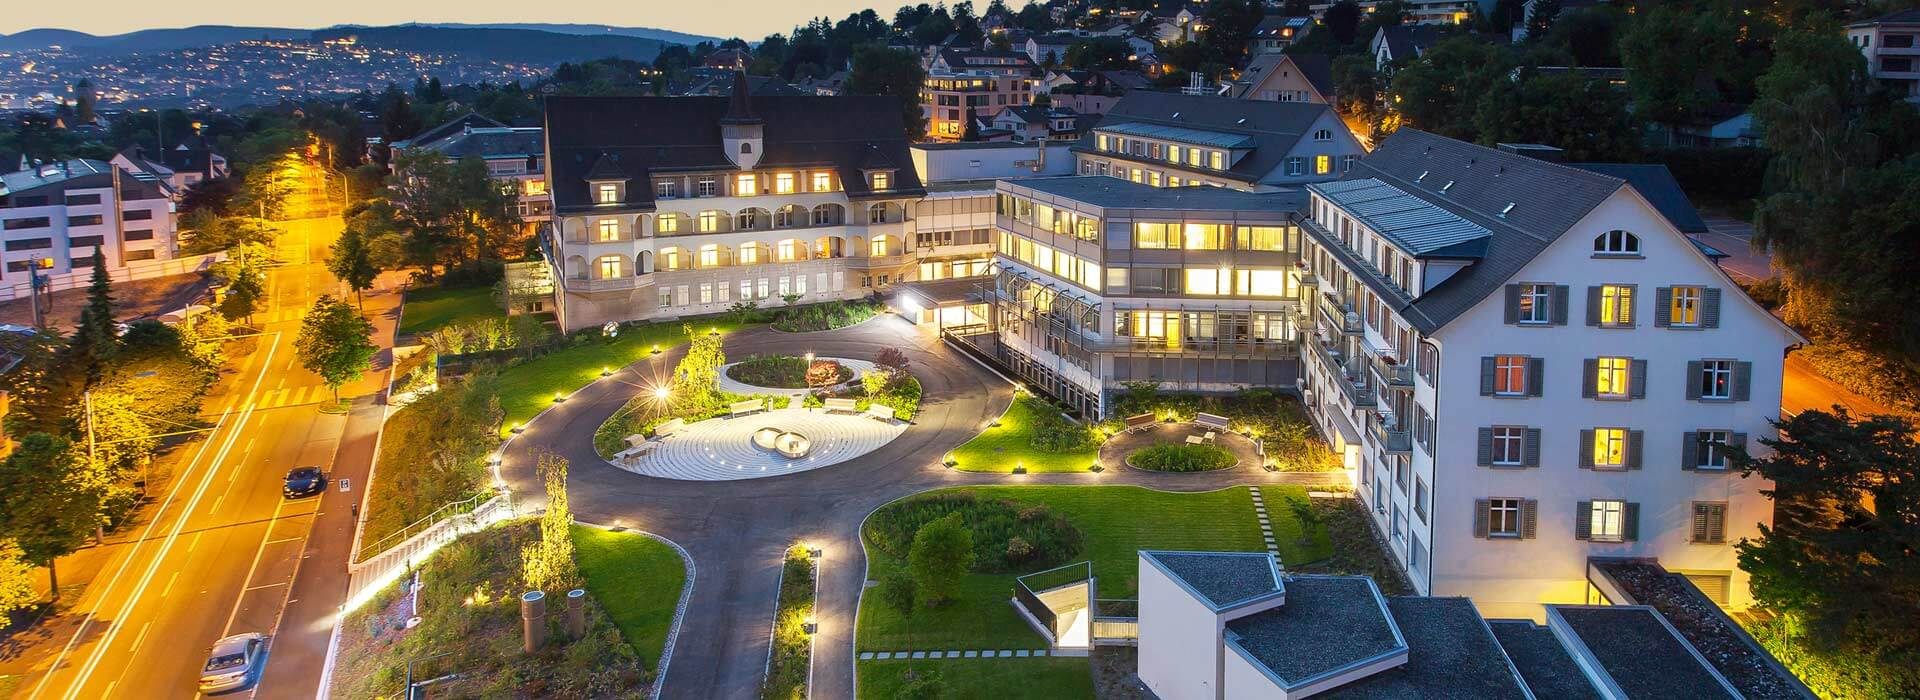 Clinic Bethanien Zurich